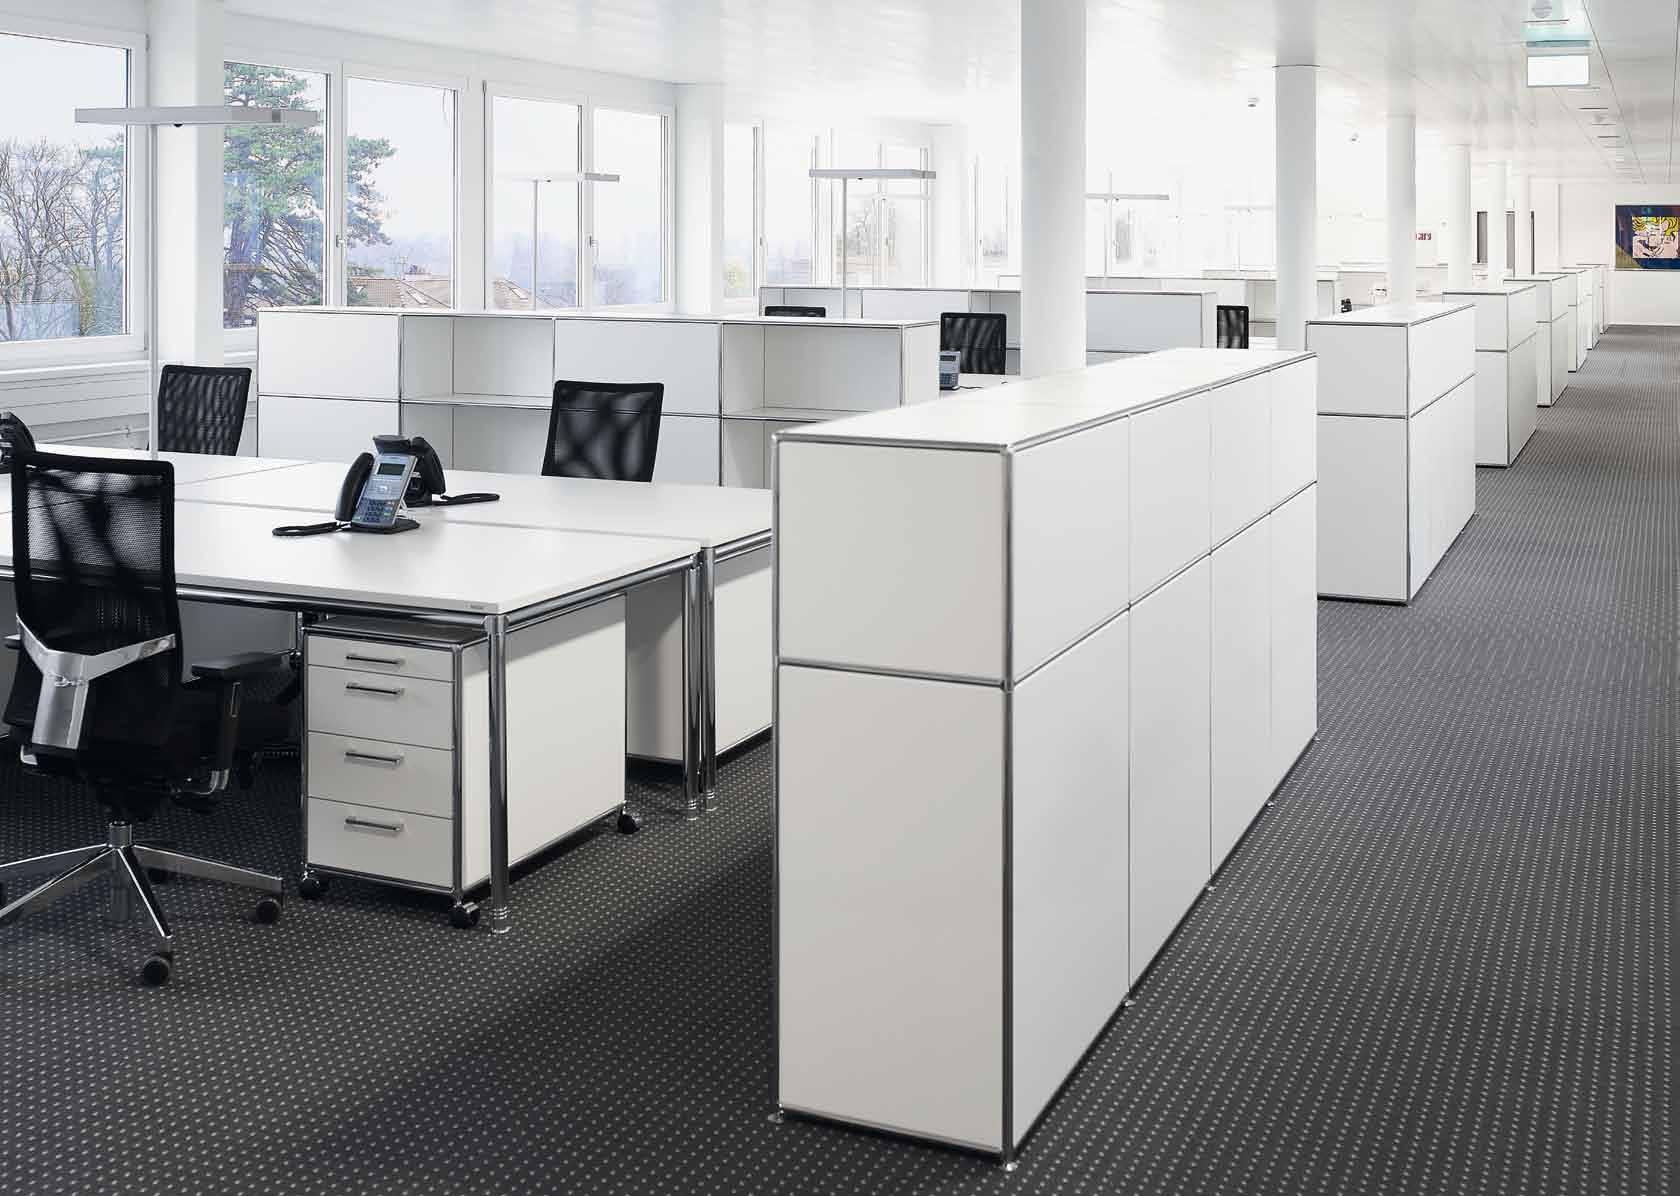 Büromöbel preiswert und schnell - Bosse OPENSPACE